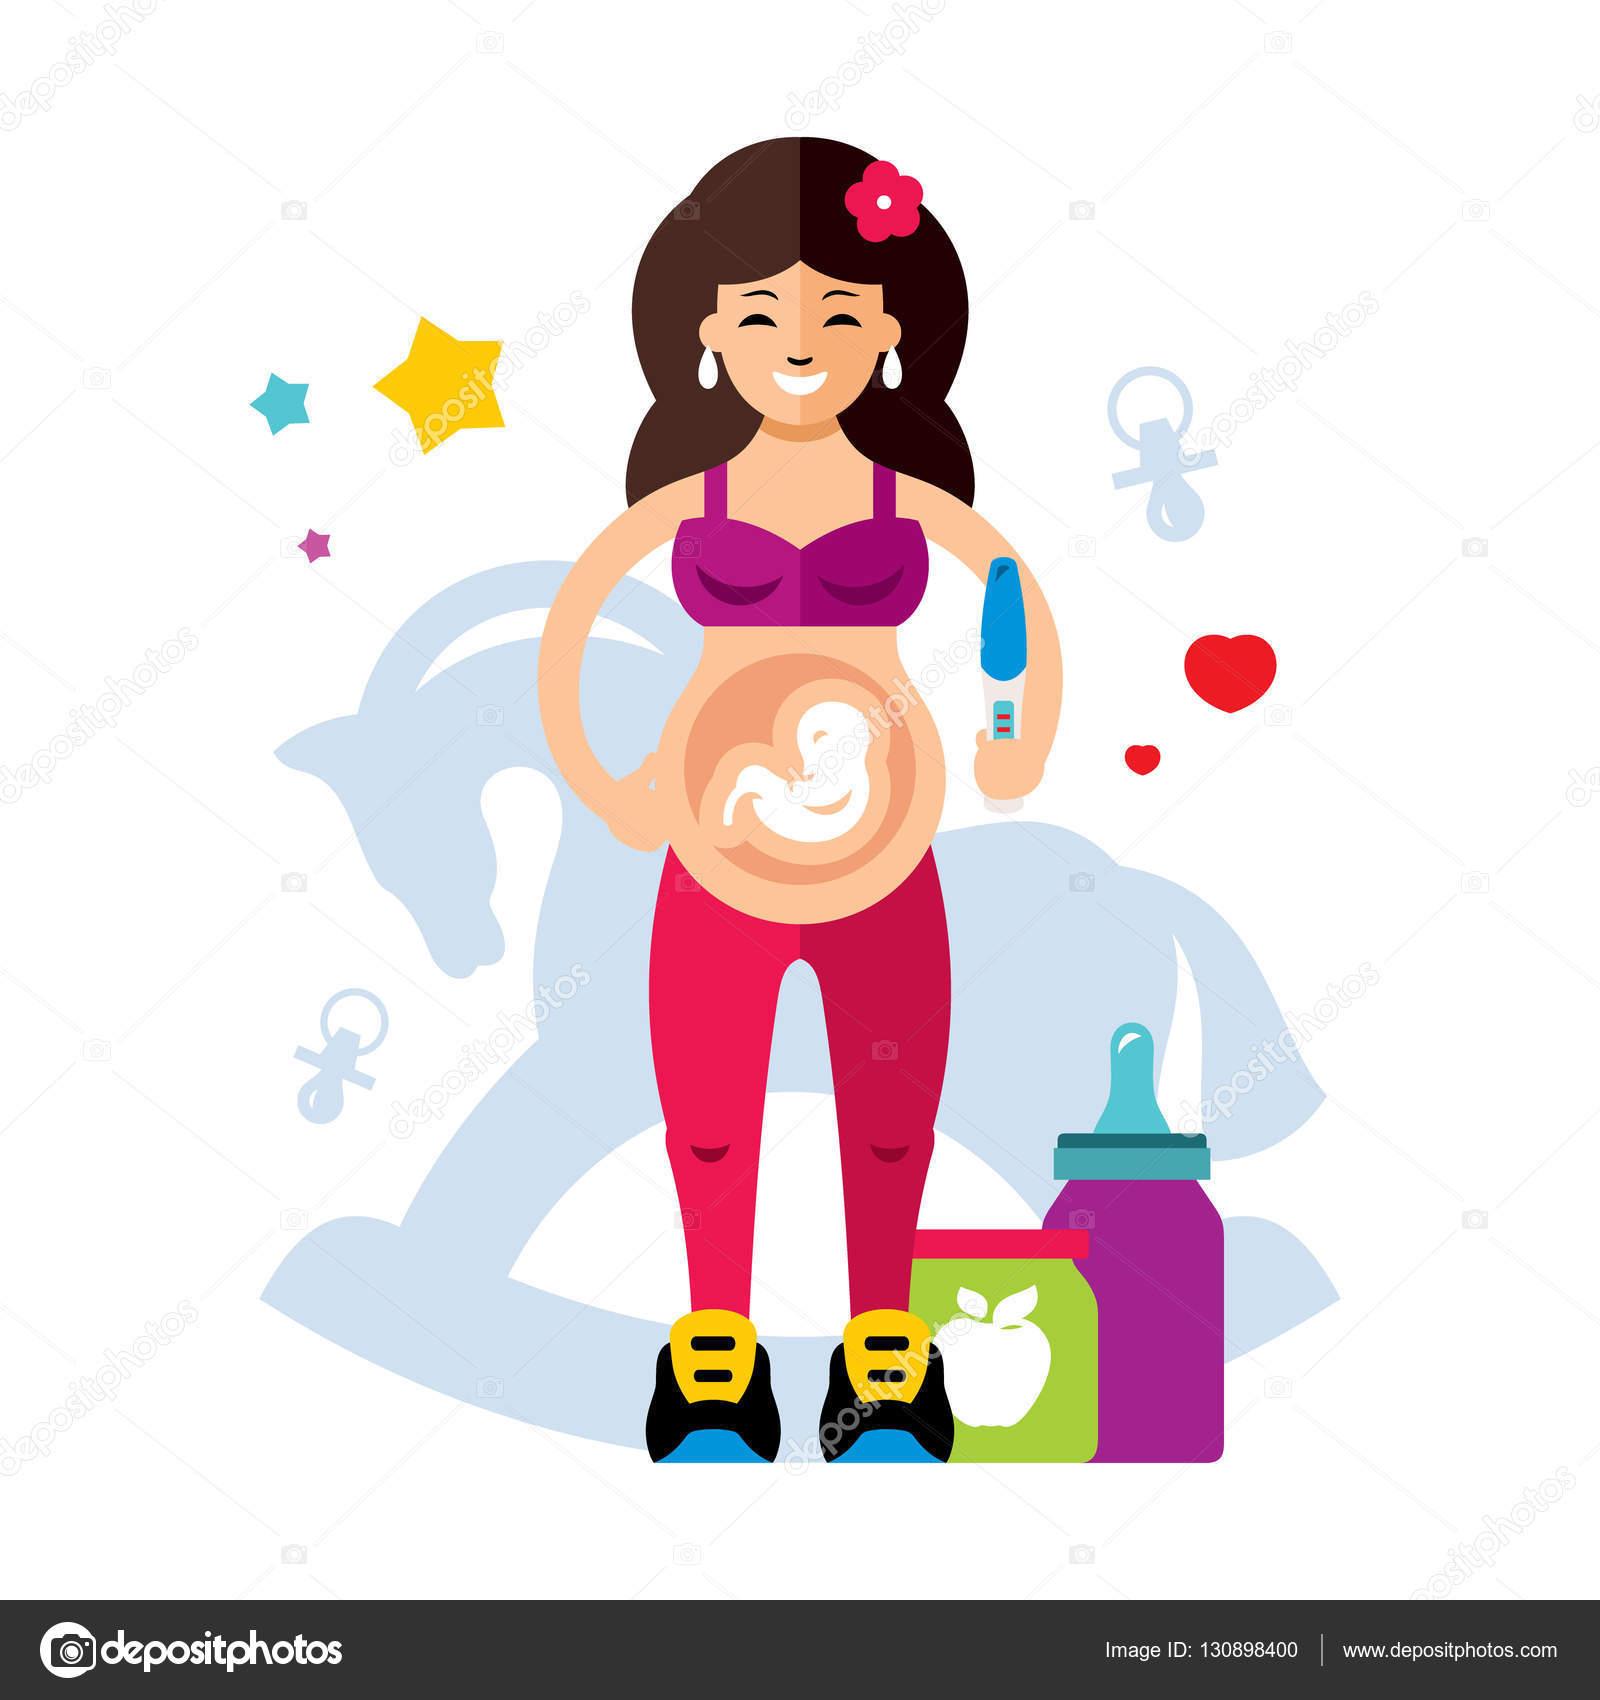 Reproduccin asistida en mujeres homosexuales: ser madres